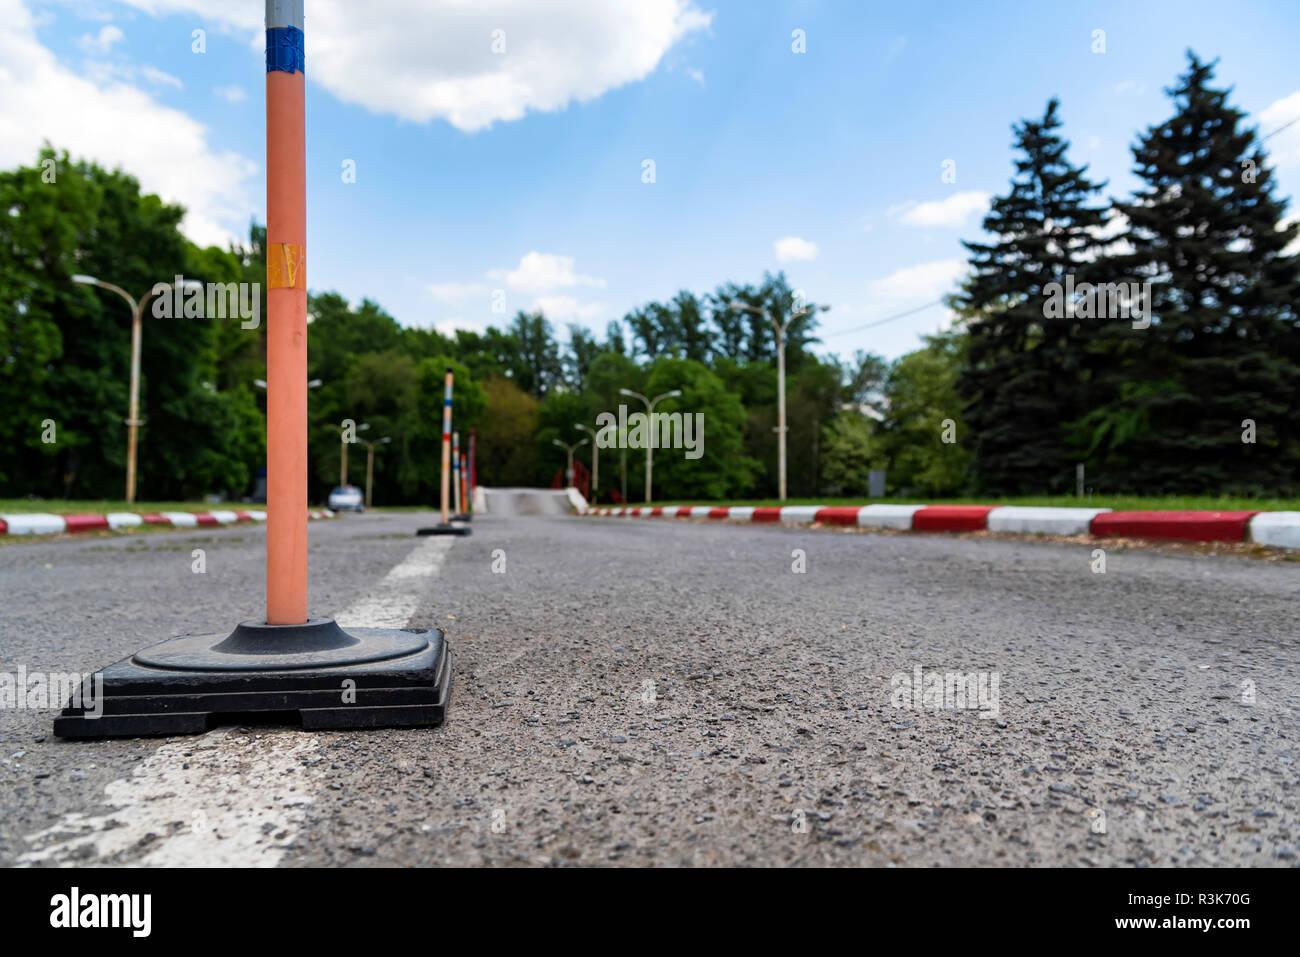 Escuela de conducción práctica zona circuito vista calle Imagen De Stock